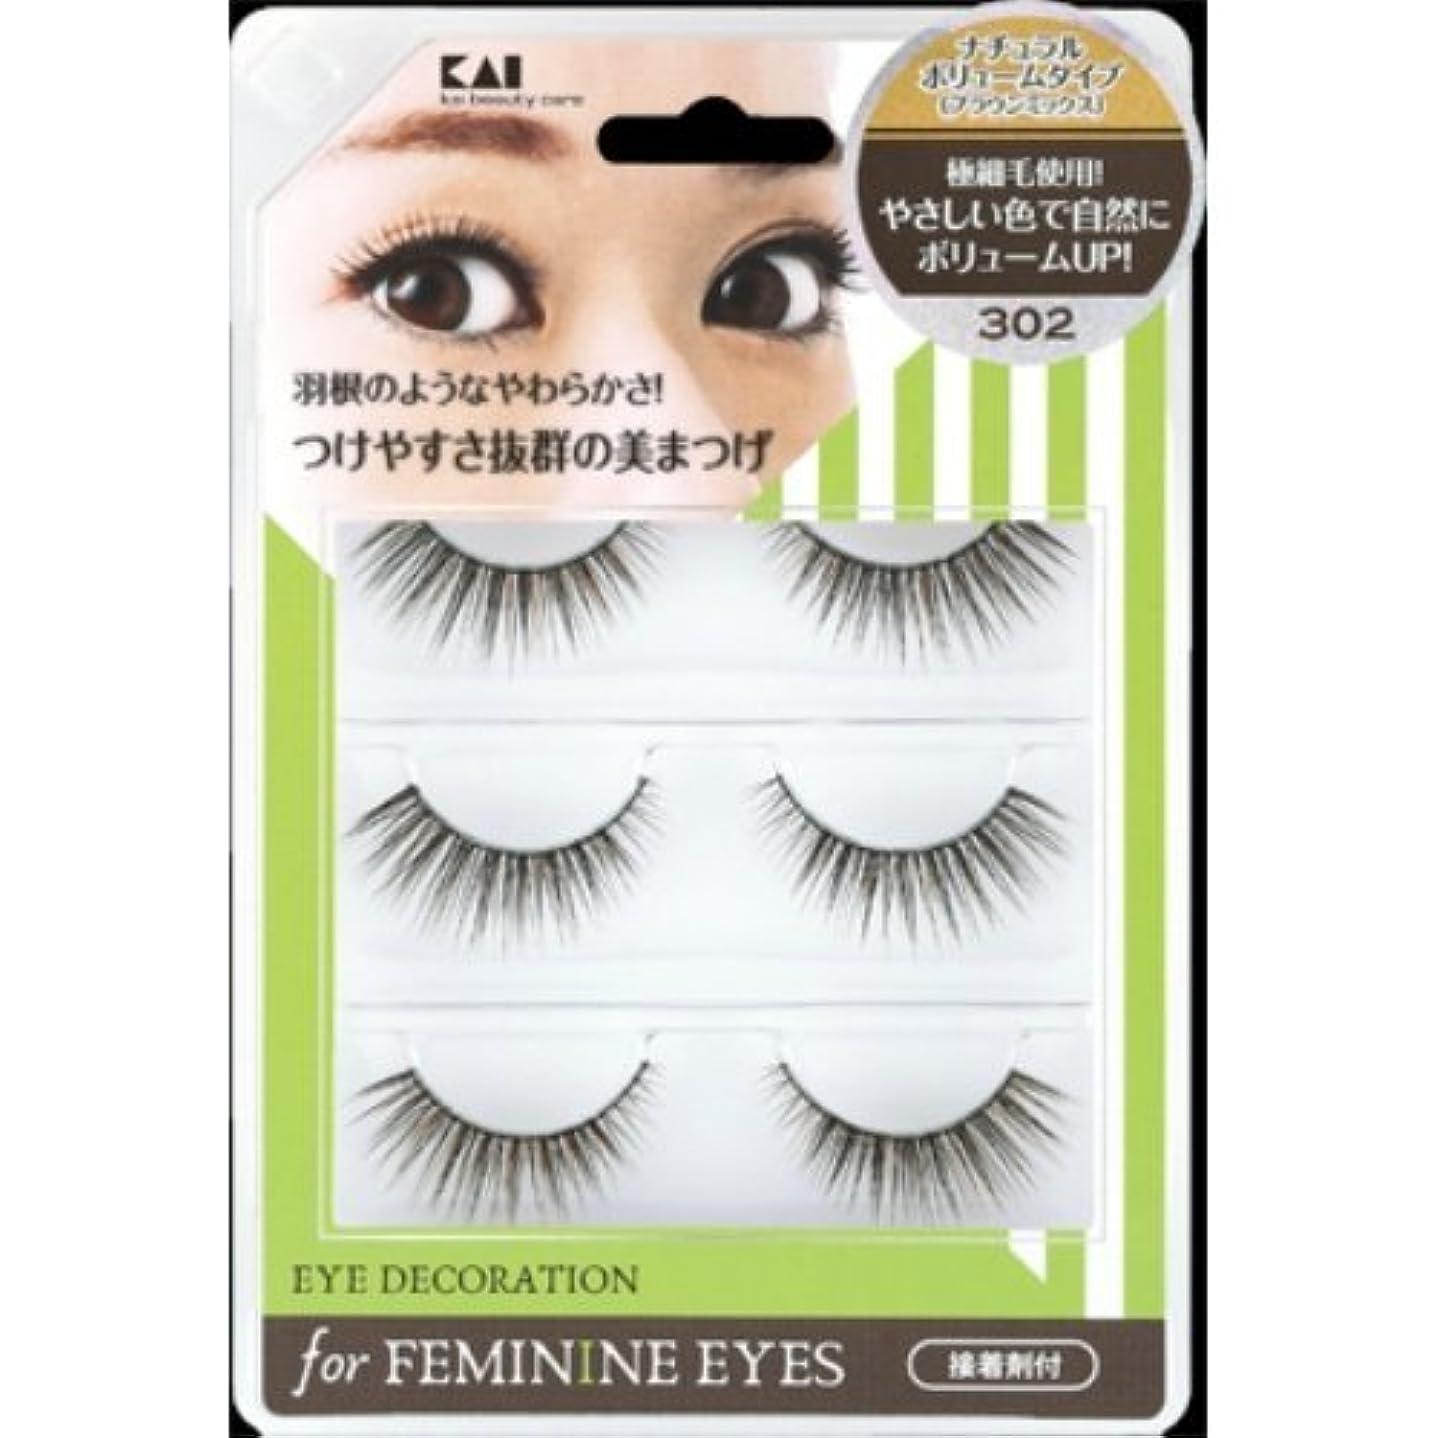 批判的に合併症ダイヤル貝印 アイデコレーション for feminine eyes 302 HC1562